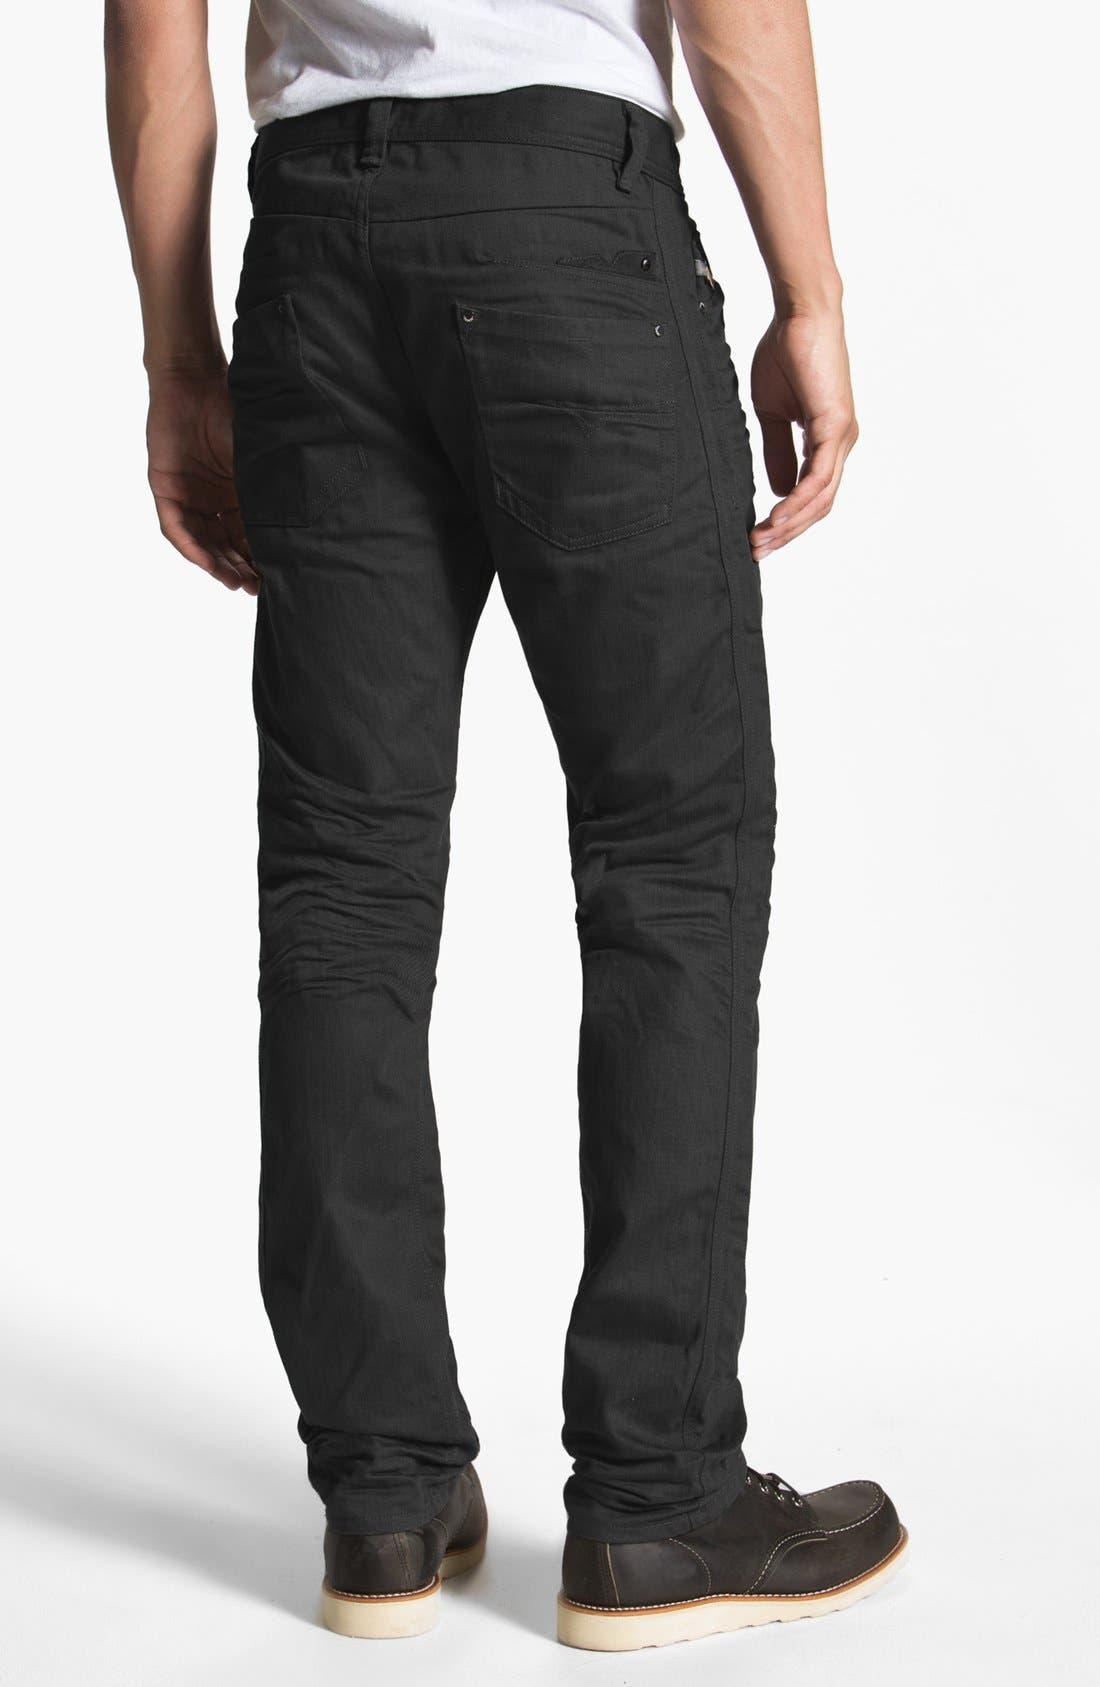 Alternate Image 1 Selected - DIESEL® 'Darron' Slim Fit Jeans